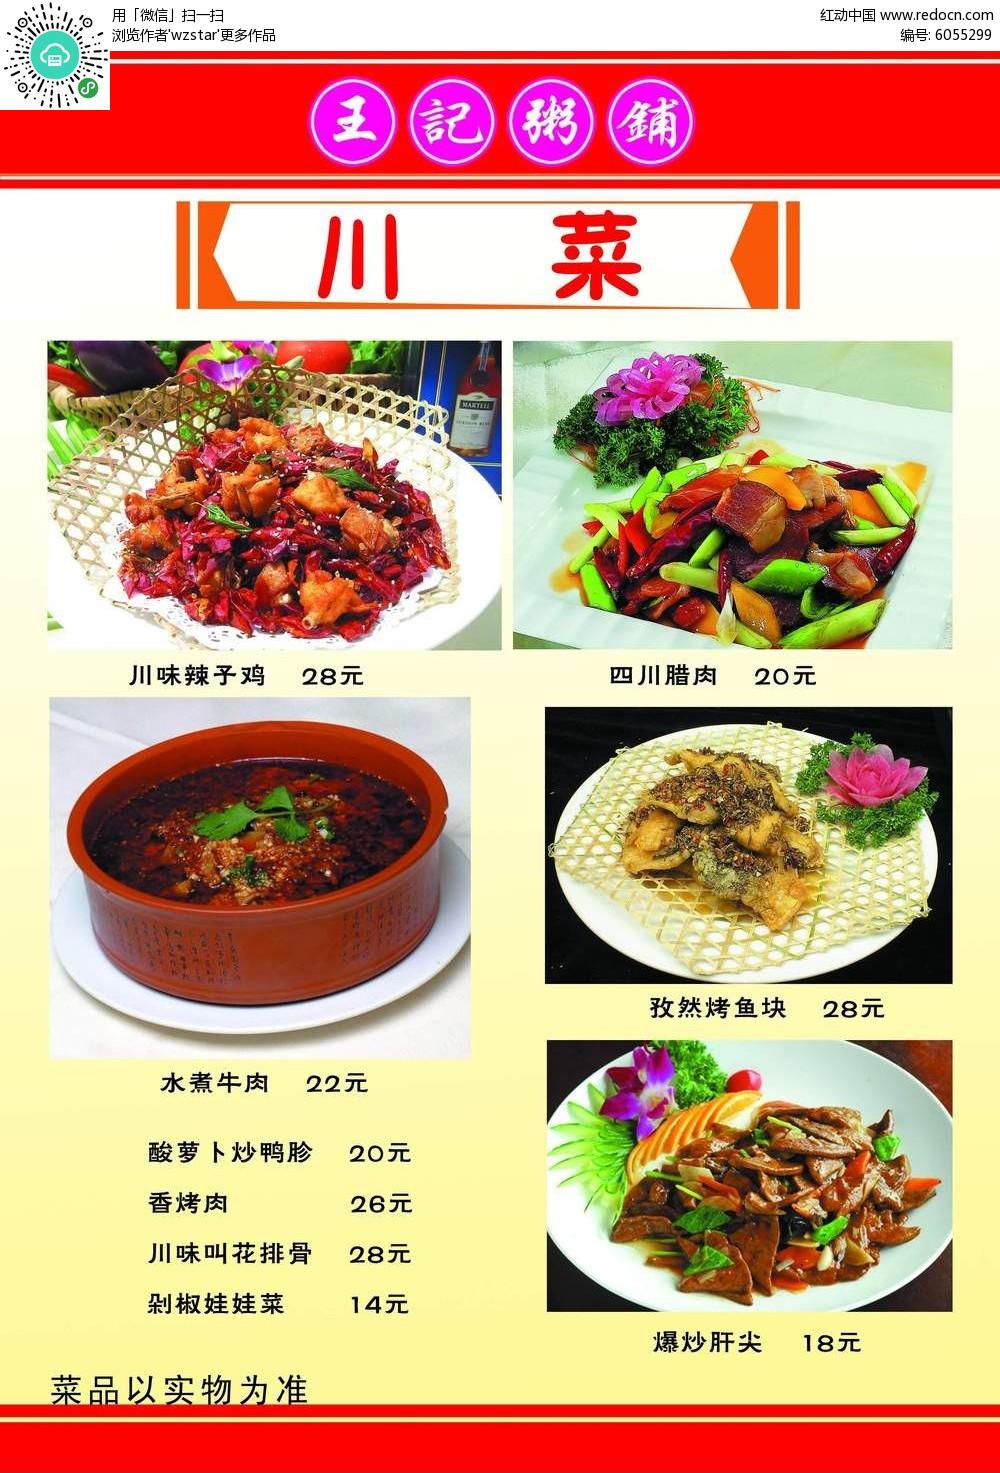 川菜美食菜谱设计图片